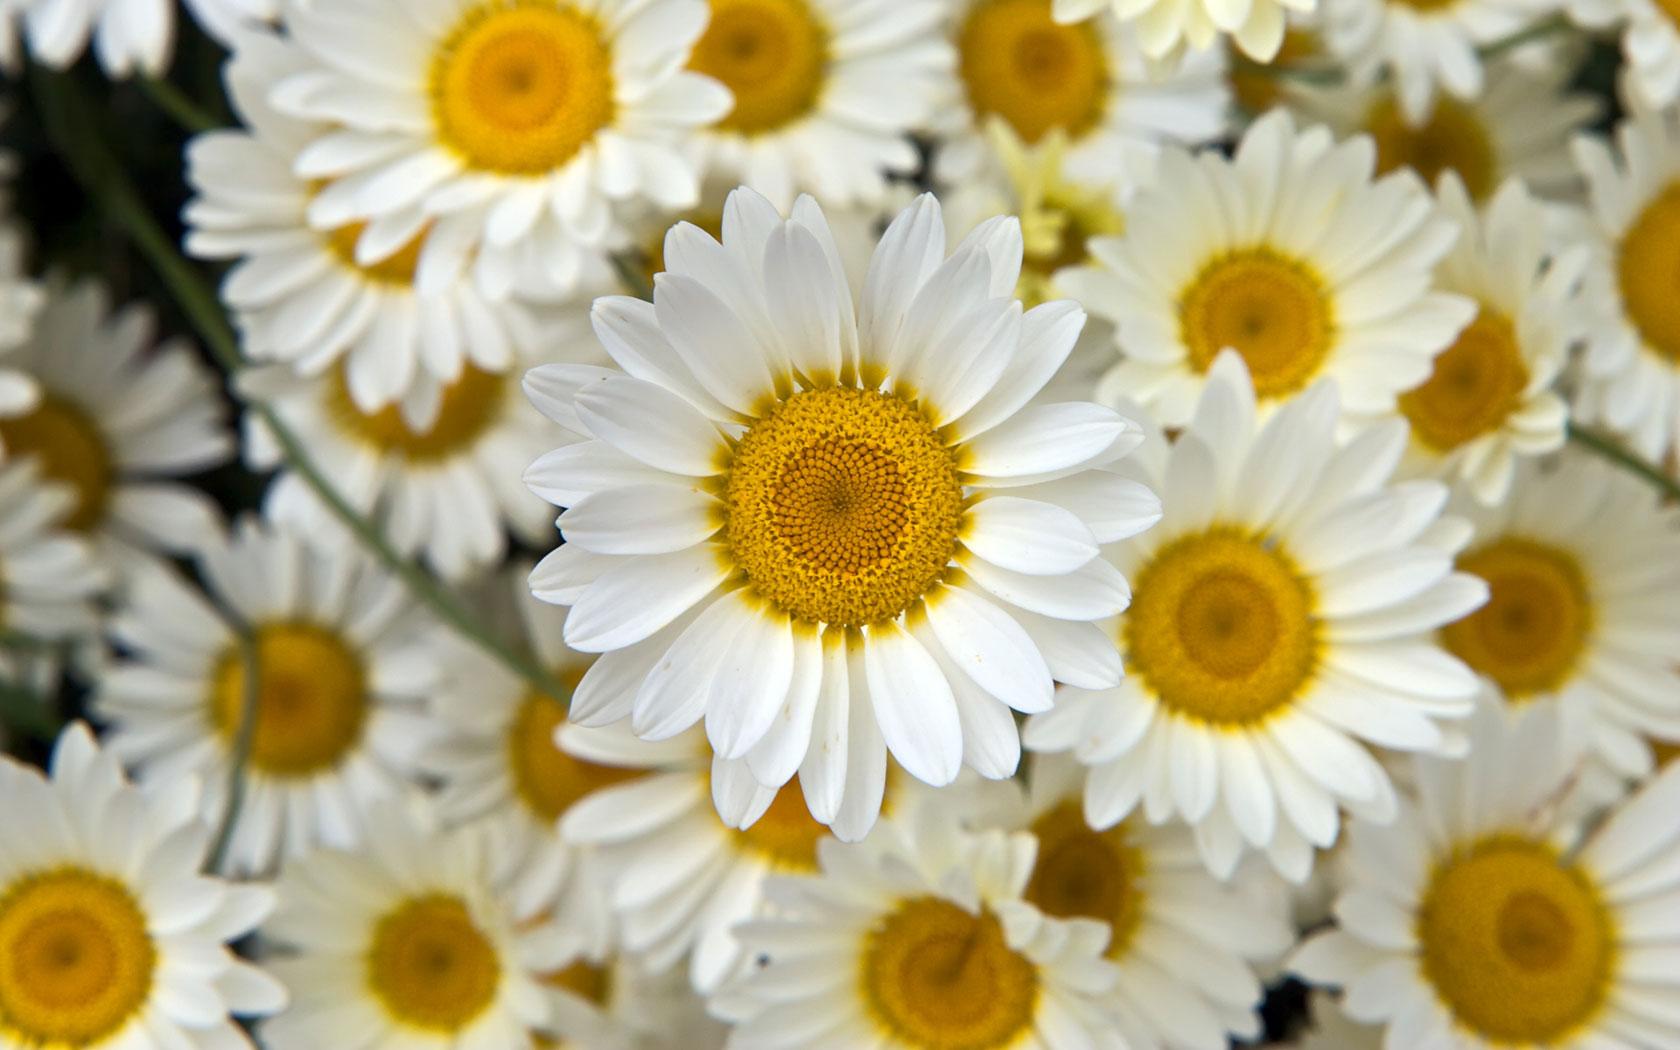 صور عباد شمس أبيض Fresh White Sunflowers صور ورد وزهور Rose Flower Images